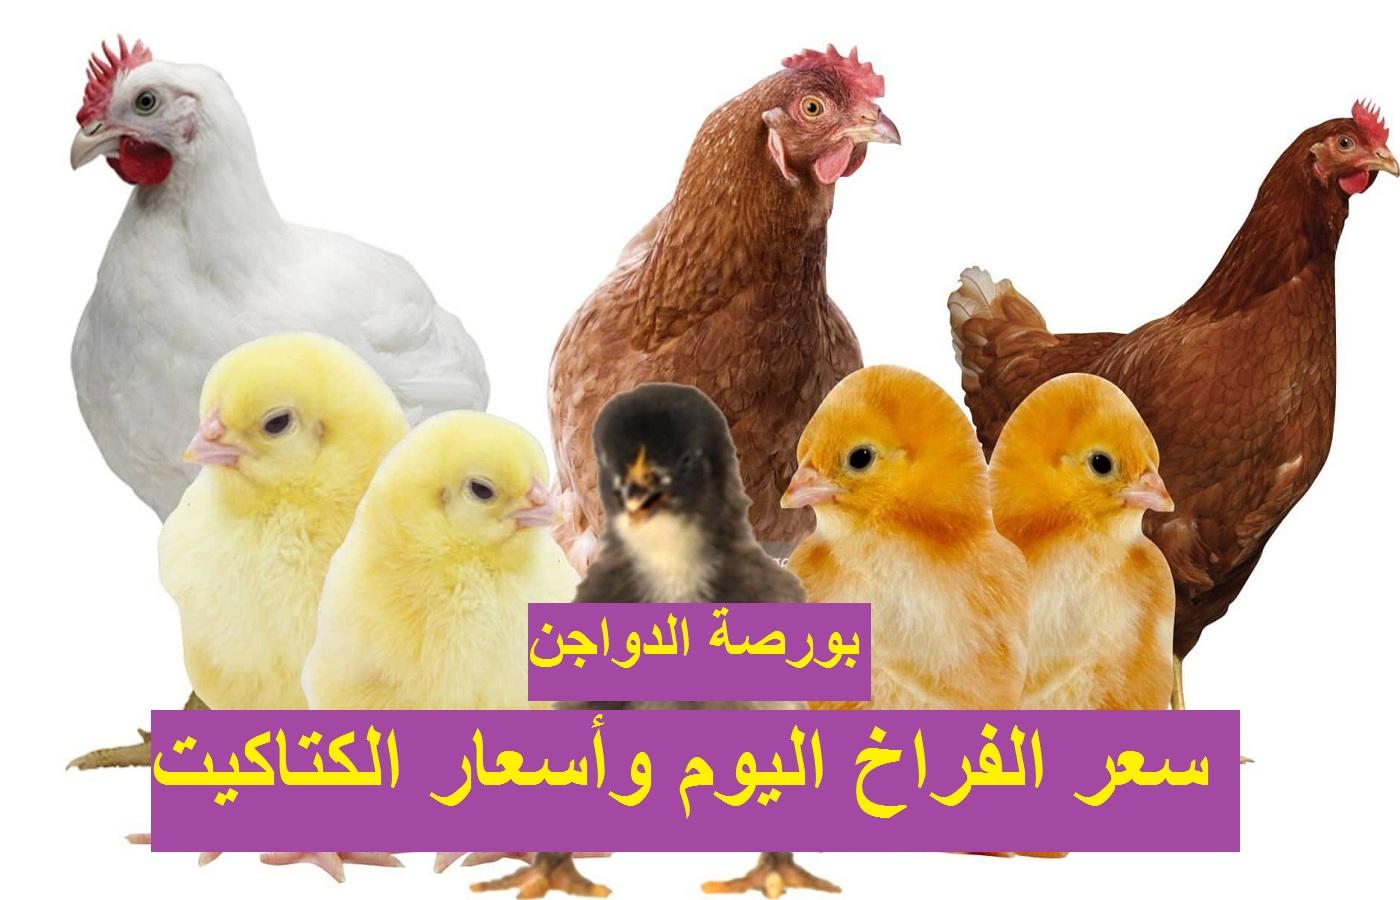 بورصة الدواجن الثلاثاء.. سعر الفراخ اليوم 27 أبريل بعد تراجع سعر الكتكوت الابيض 156